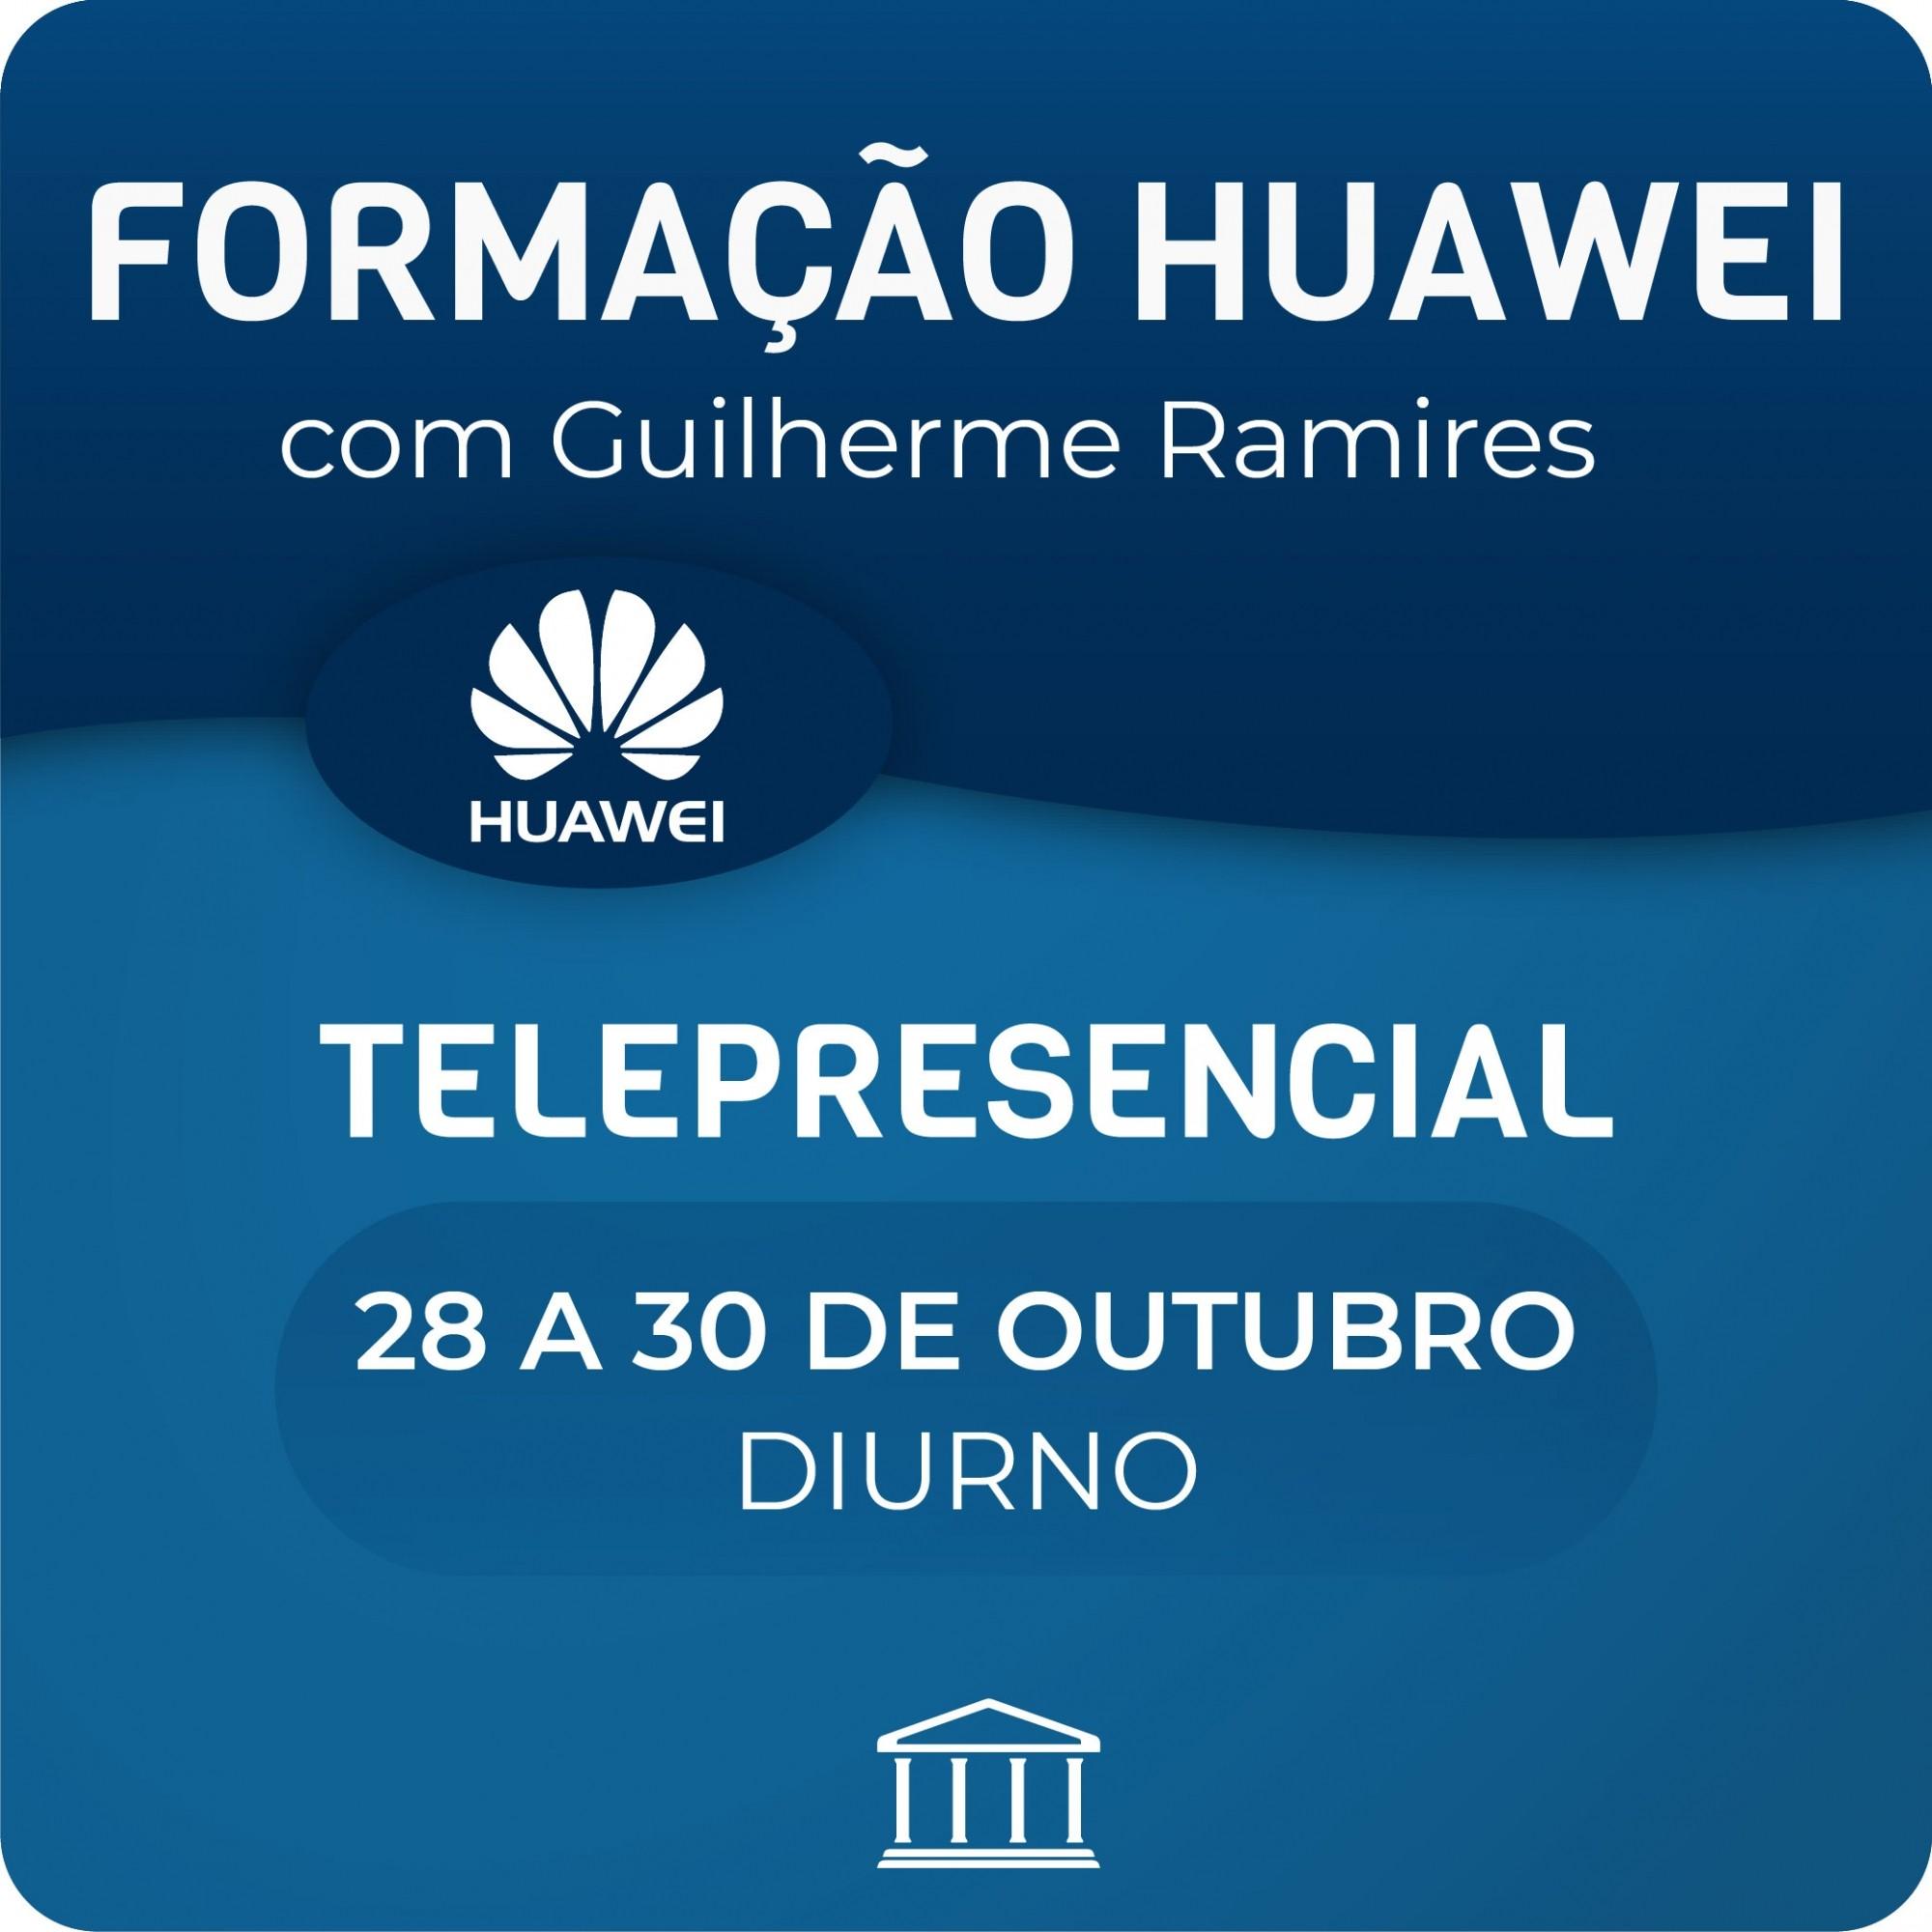 Formação Huawei em Switches e Routers  - Voz e Dados